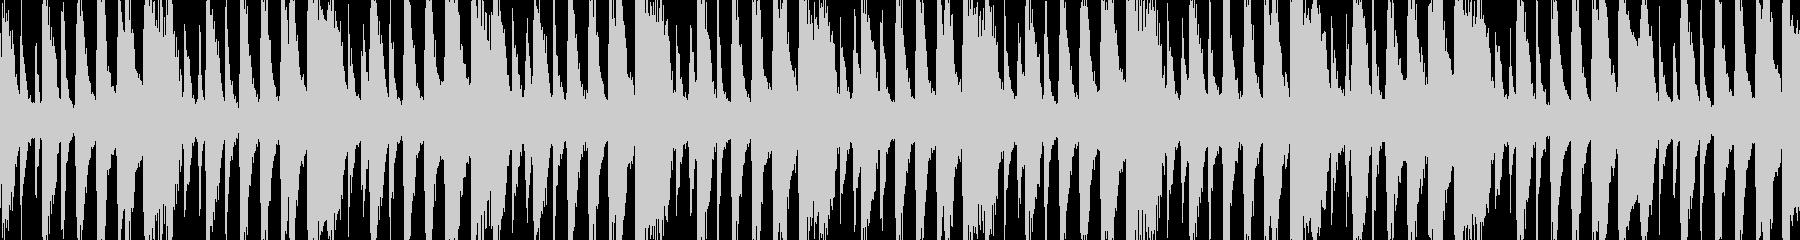 ノリがいい楽しいアコースティックループ版の未再生の波形